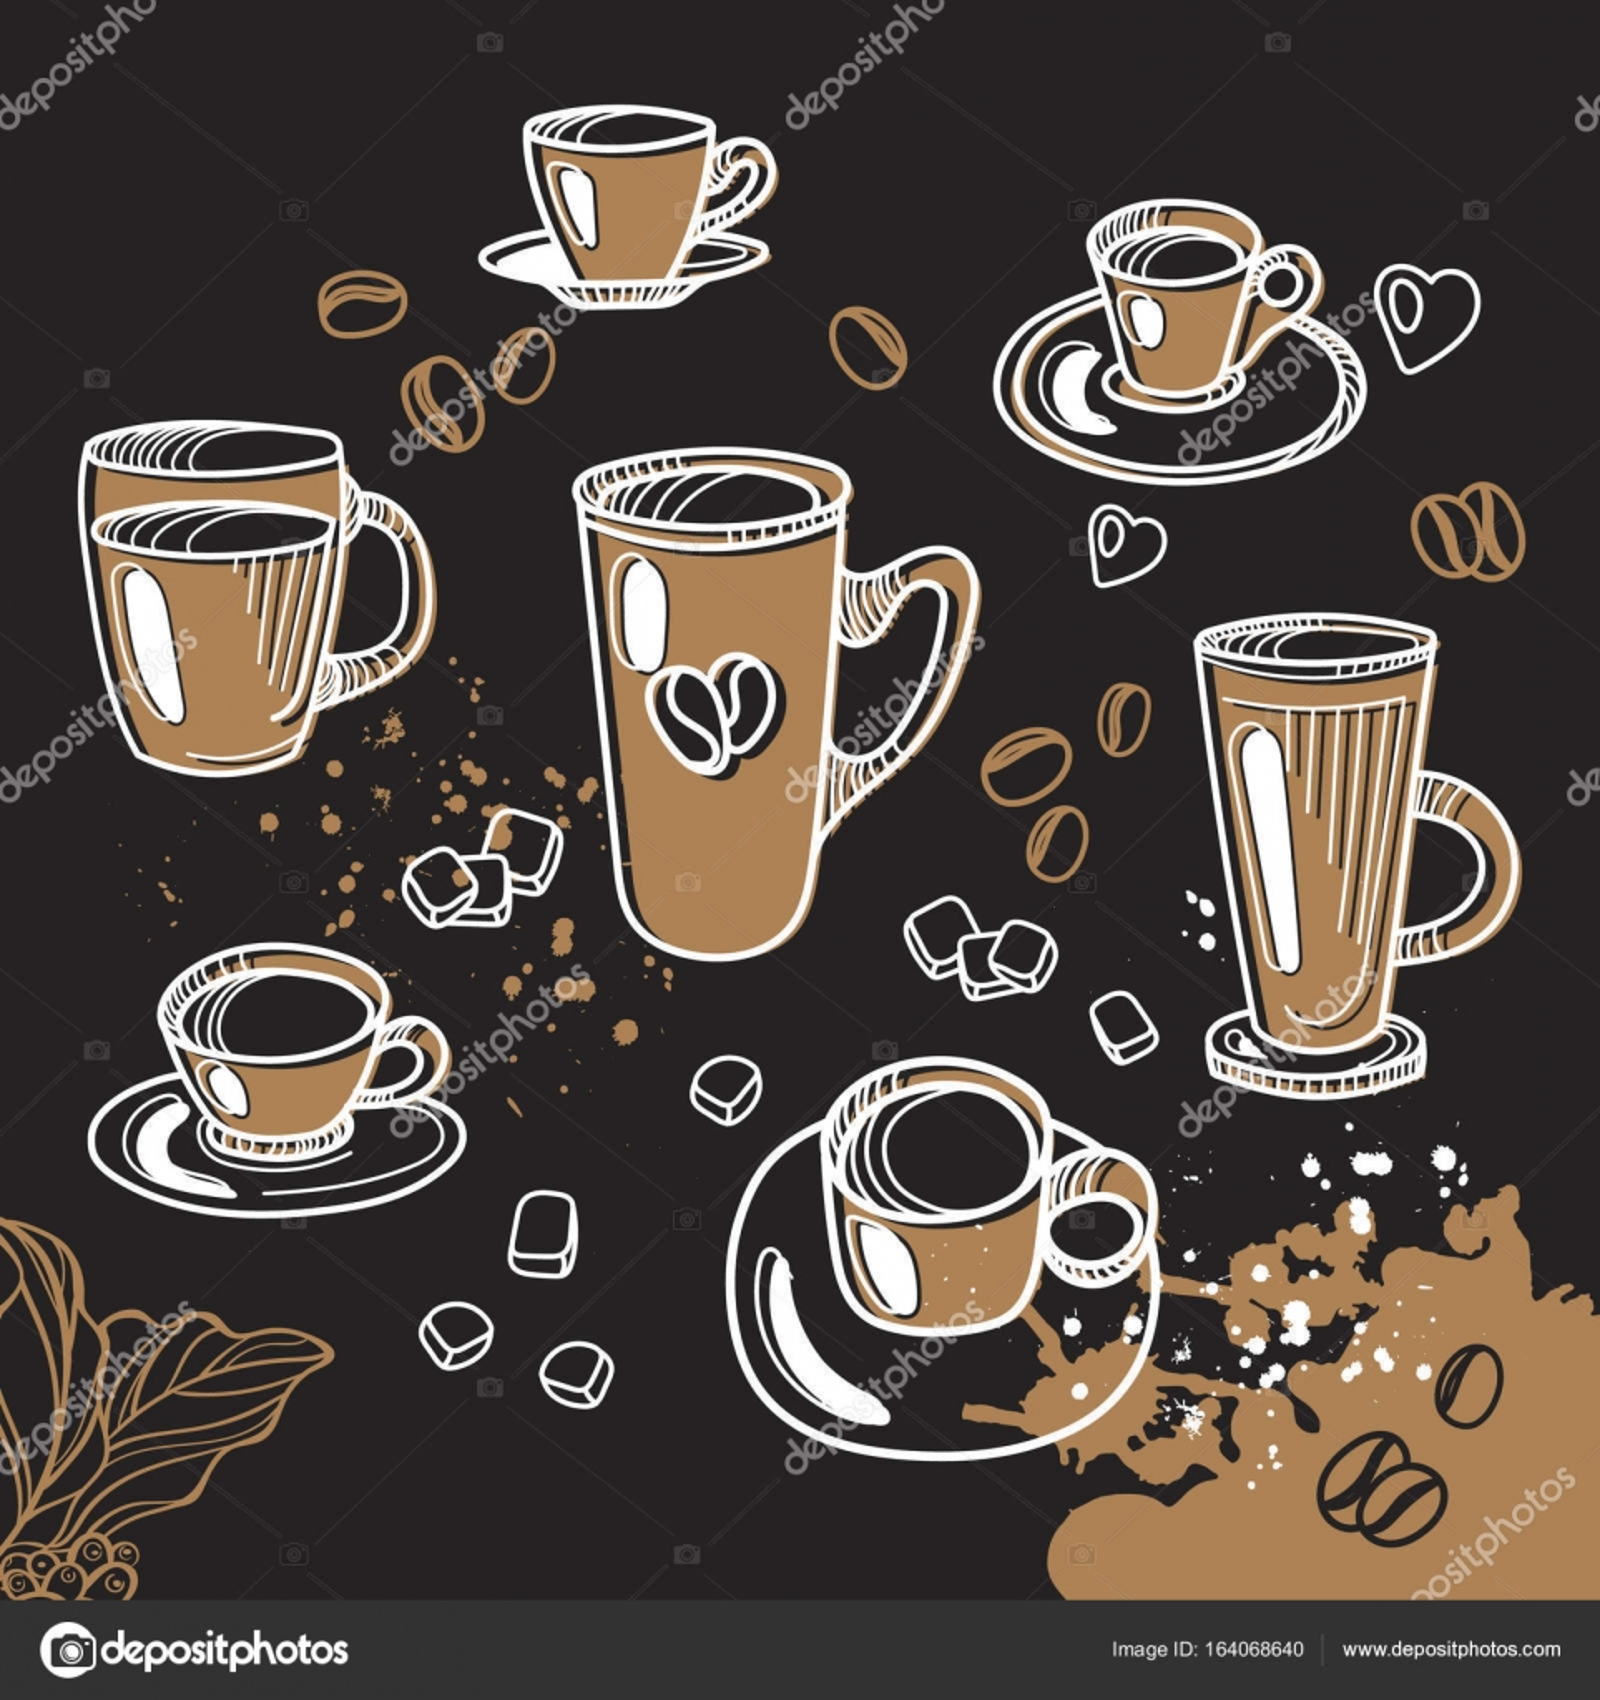 cb6e3acf59 Készlet különböző csésze tea- és kávéfőző. Grafikus kézzel készített  vázlat. Vektoros illusztráció– stock illusztrációk